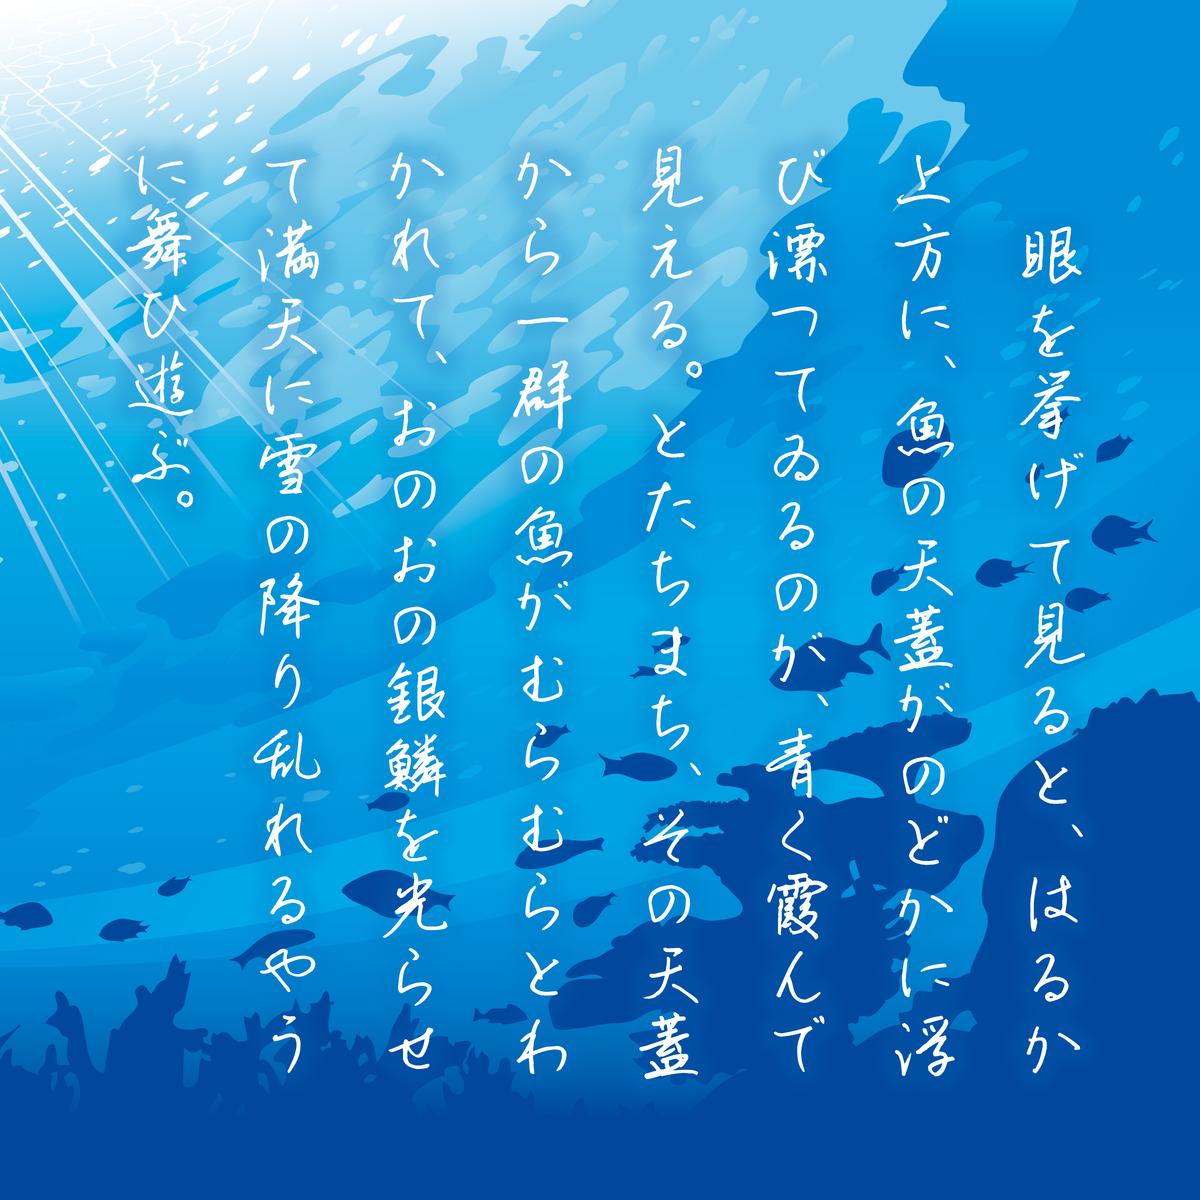 f:id:shokaki:20200706192318p:plain